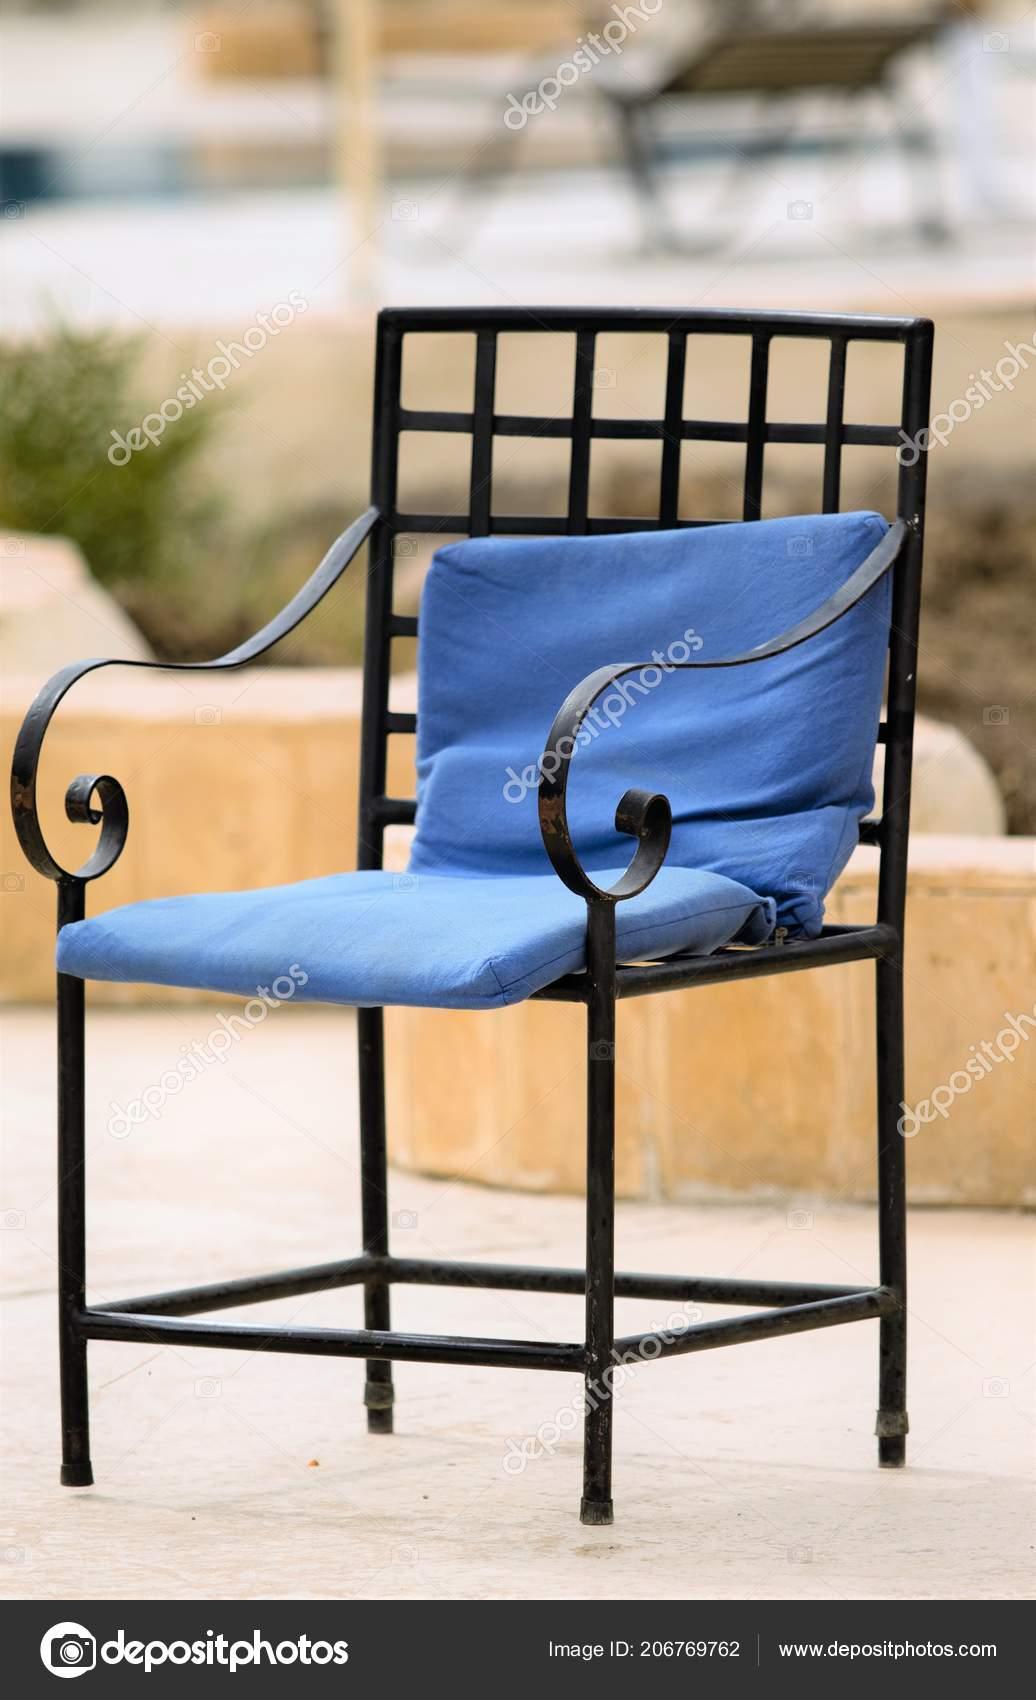 стулья столы улице интерьер кафе стоковое фото Kzwwsko 206769762